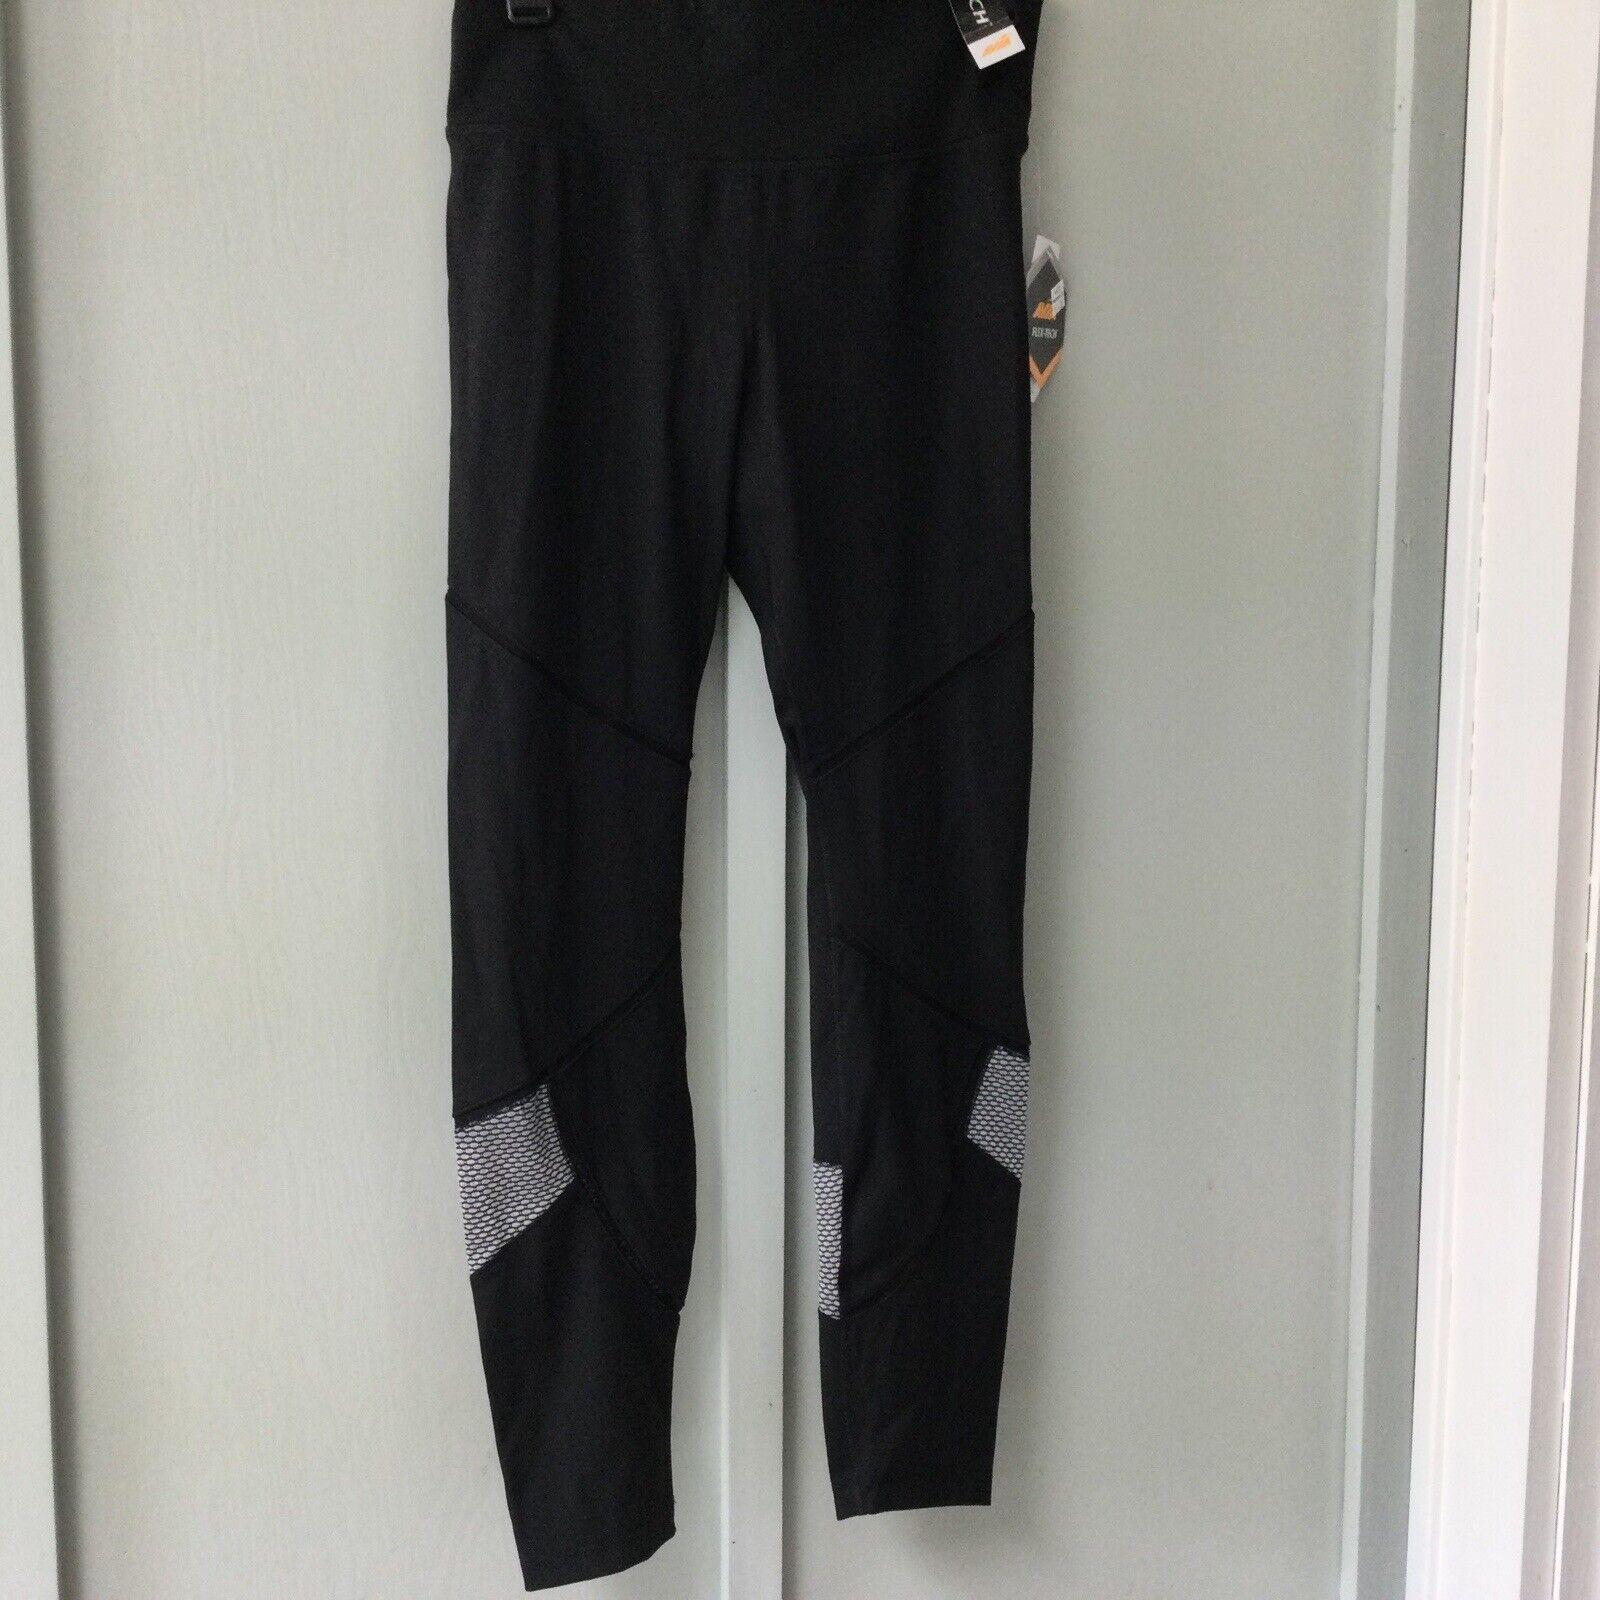 AVIA Womens Medium 8-10 Athletic Crop Capri Leggings Pants Black Flex Tech New